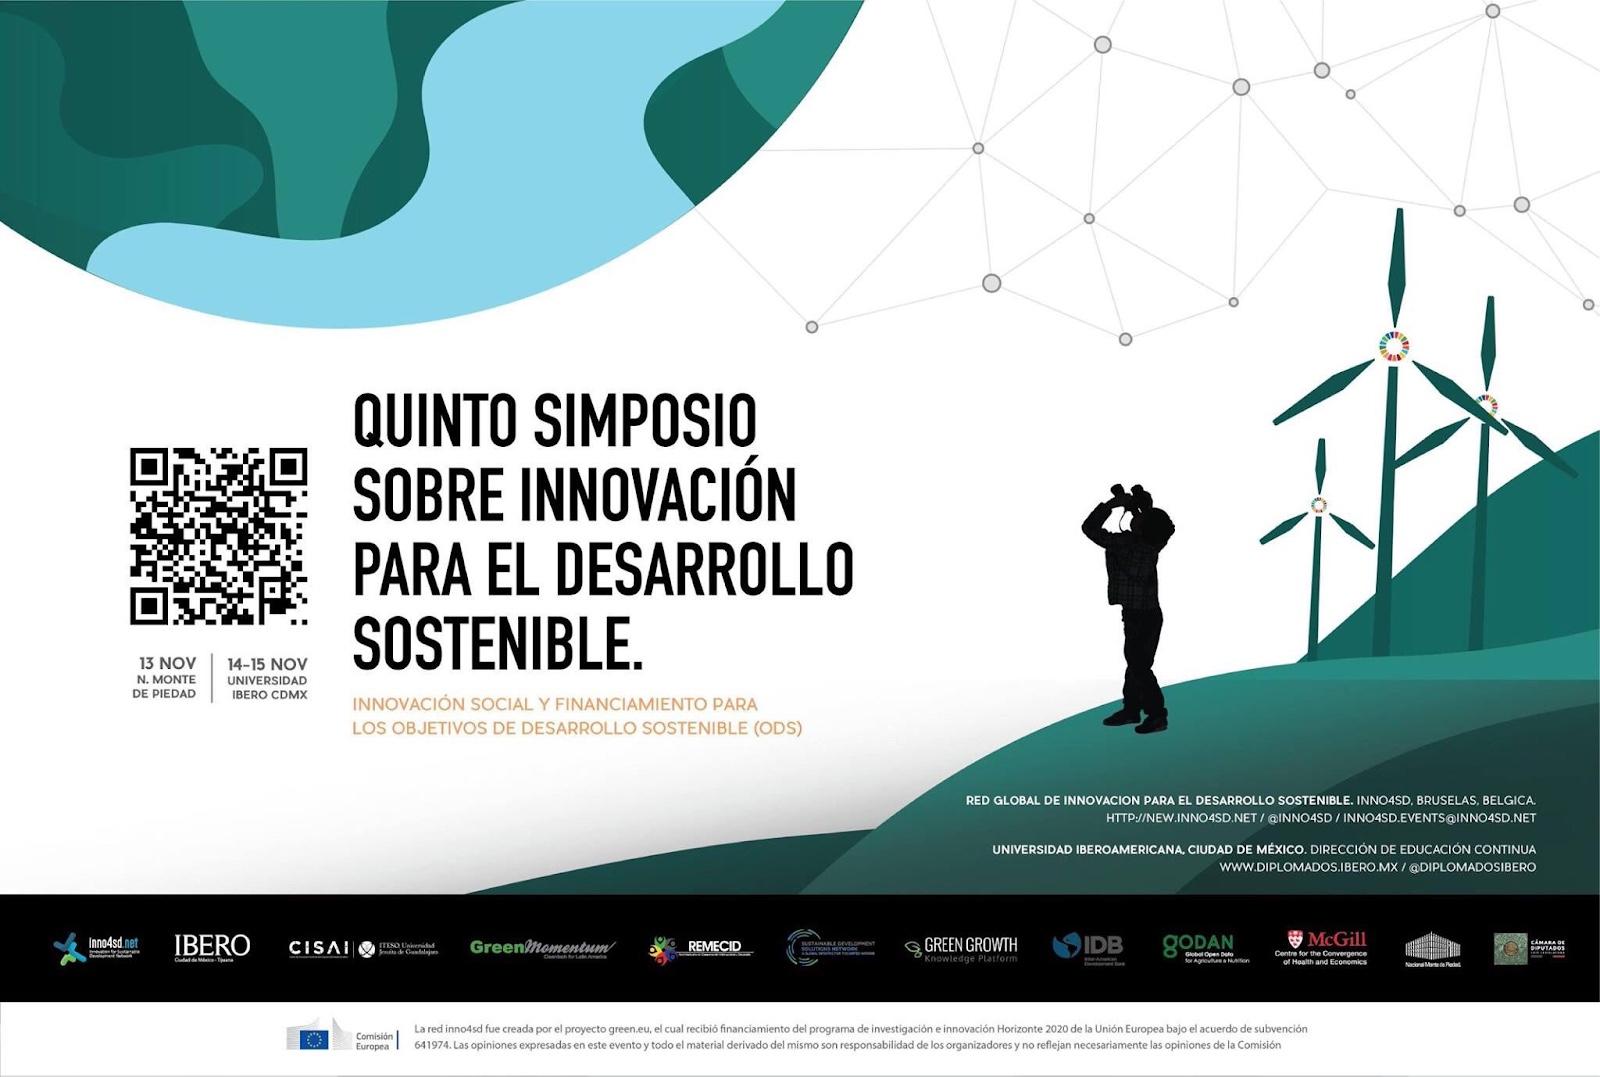 5to Simposio sobre Innovación para el Desarrollo Sostenible, SDSN Mexico